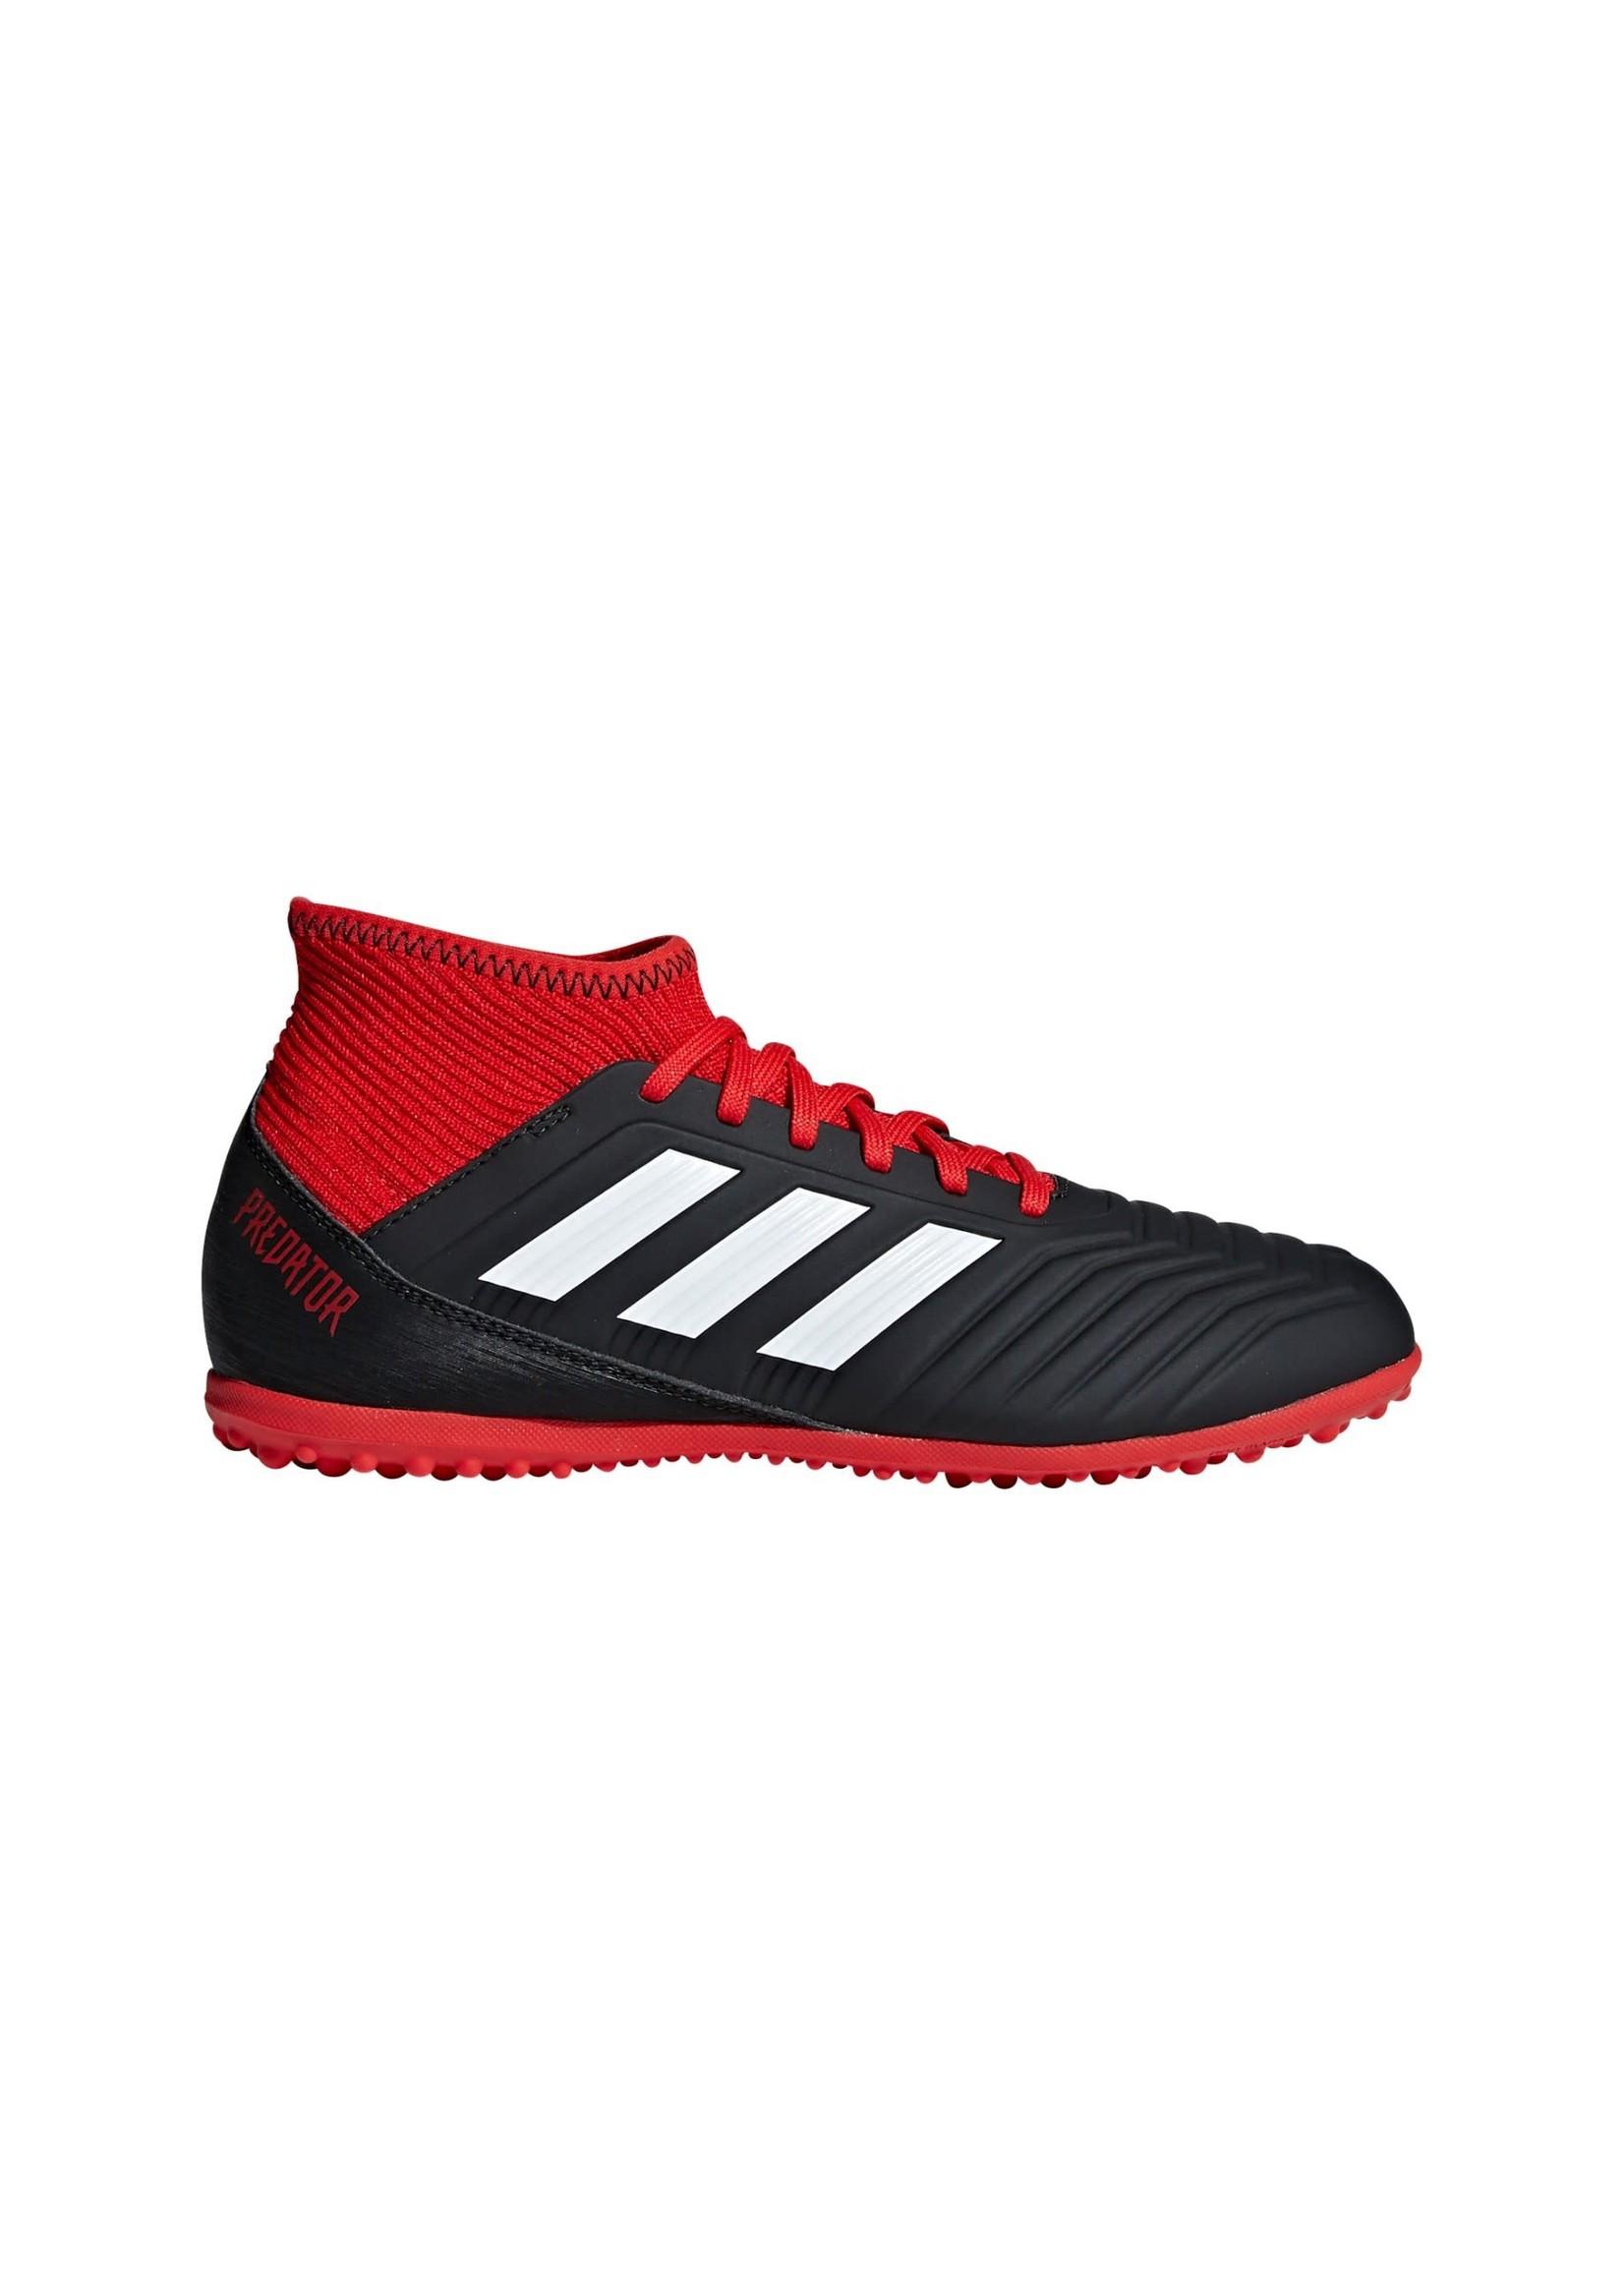 Adidas PREDATOR TANGO 18.3 TF JR